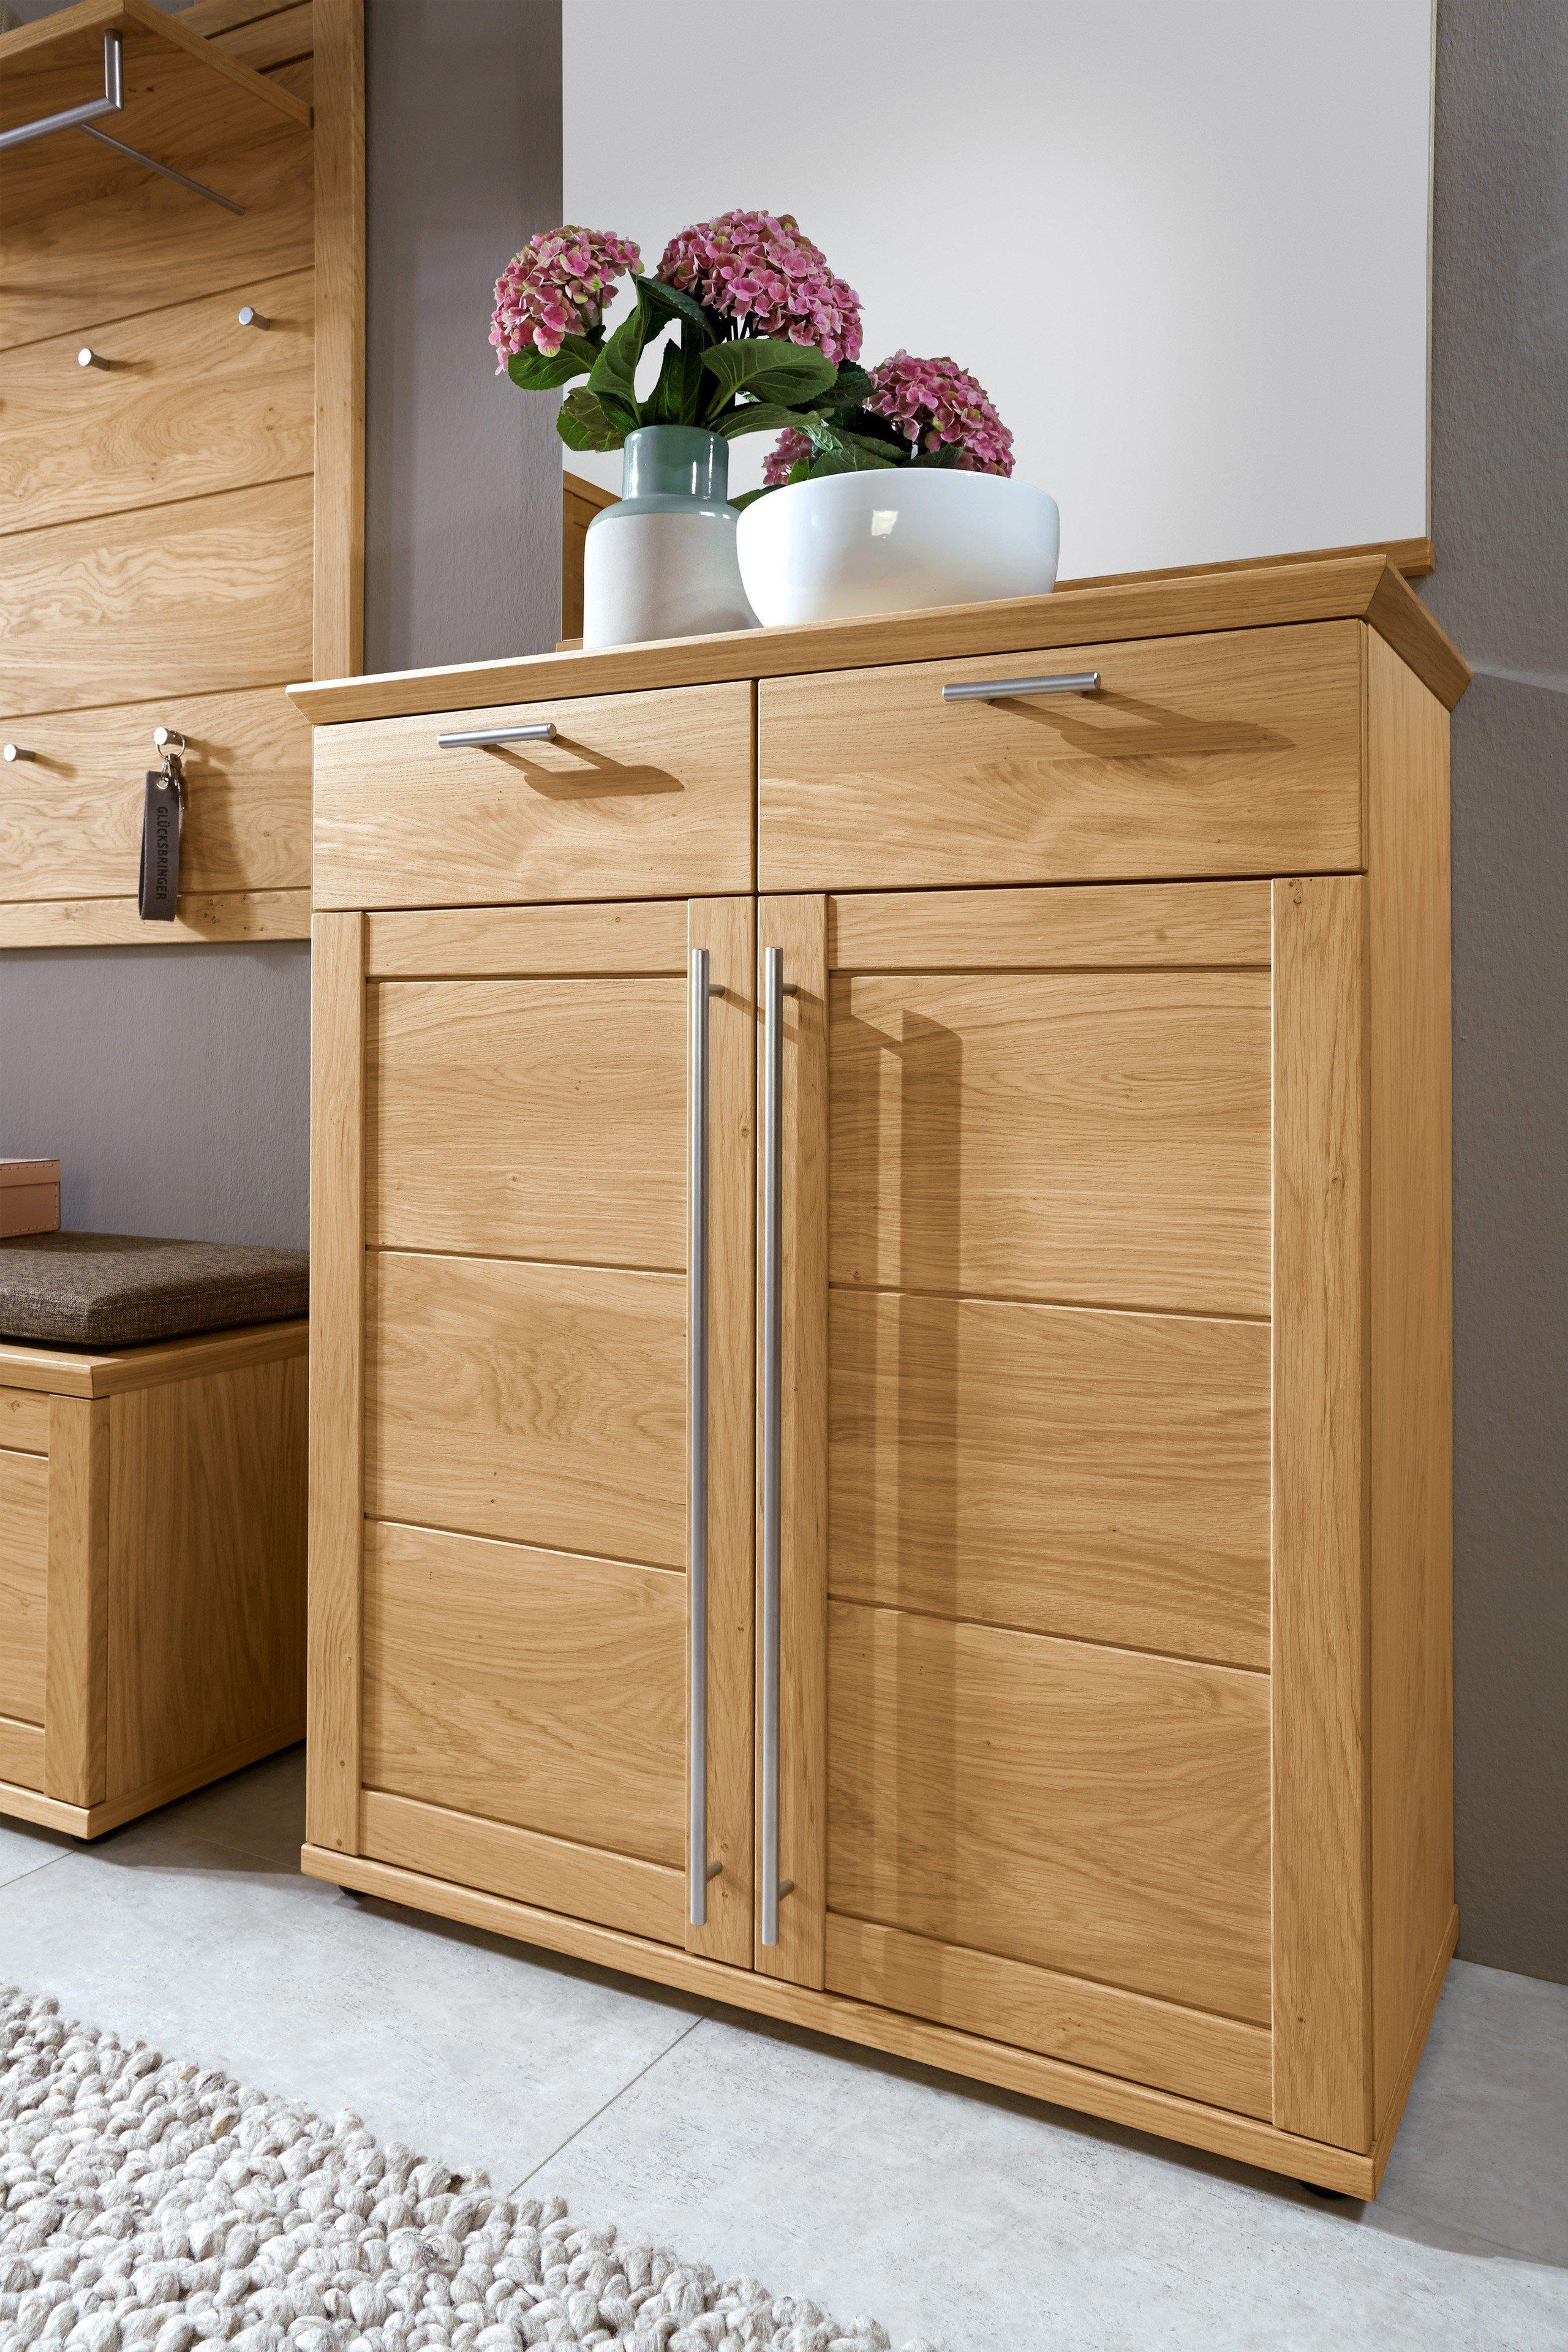 voss m bel garderobe garda eichenholzfurnier m bel letz ihr online shop. Black Bedroom Furniture Sets. Home Design Ideas